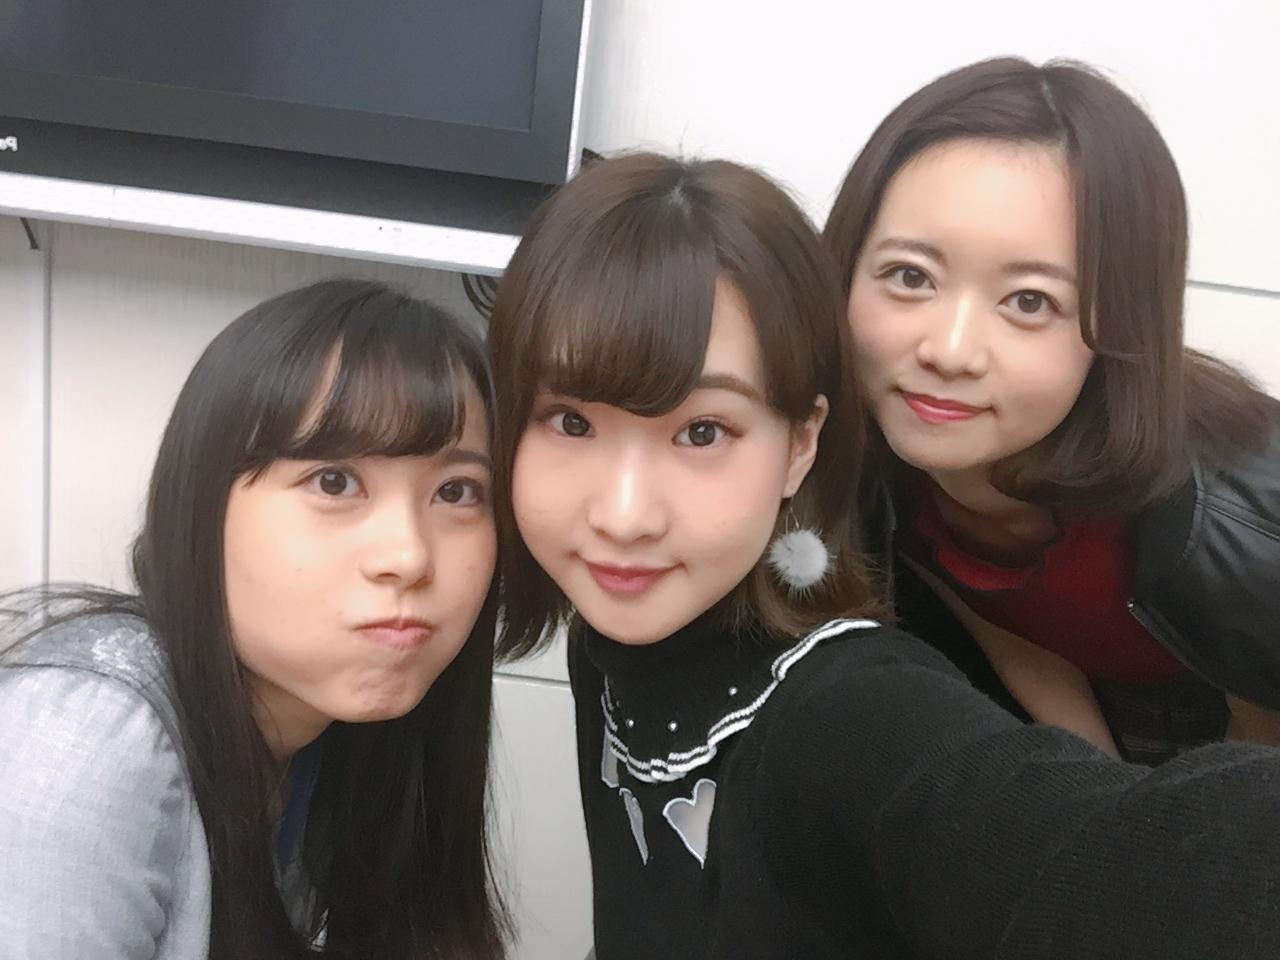 俺のフレンチ♡銀座並木通り店がオススメな理由_1_9-3